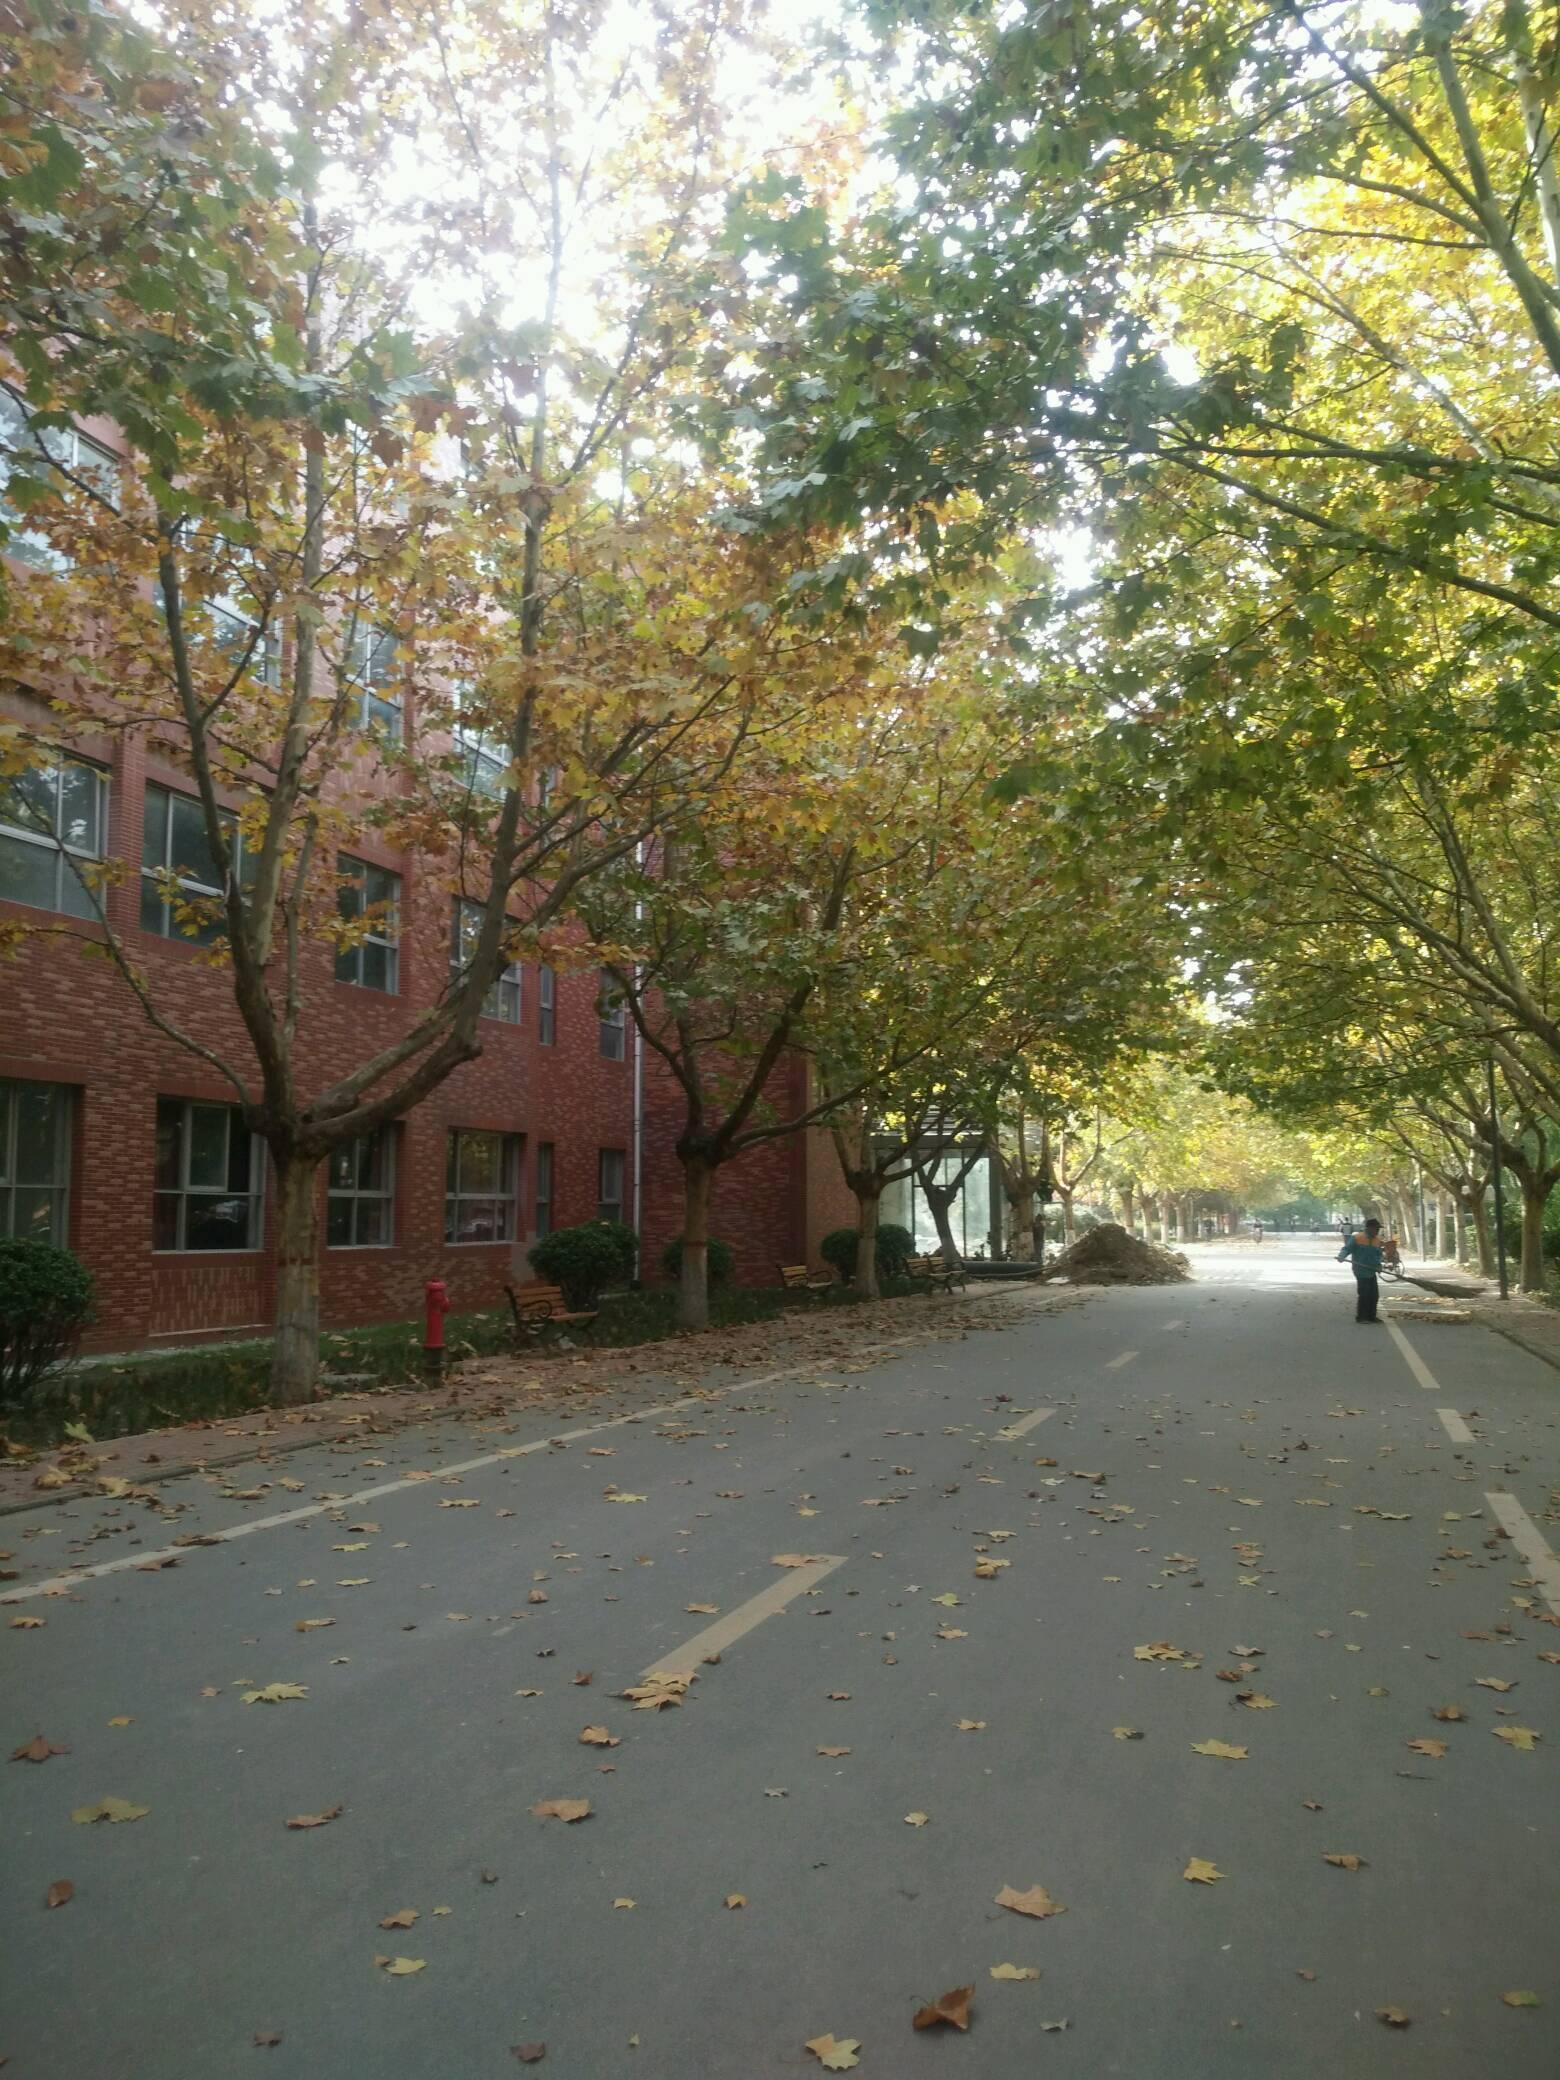 校园秋天的风景,落叶知秋